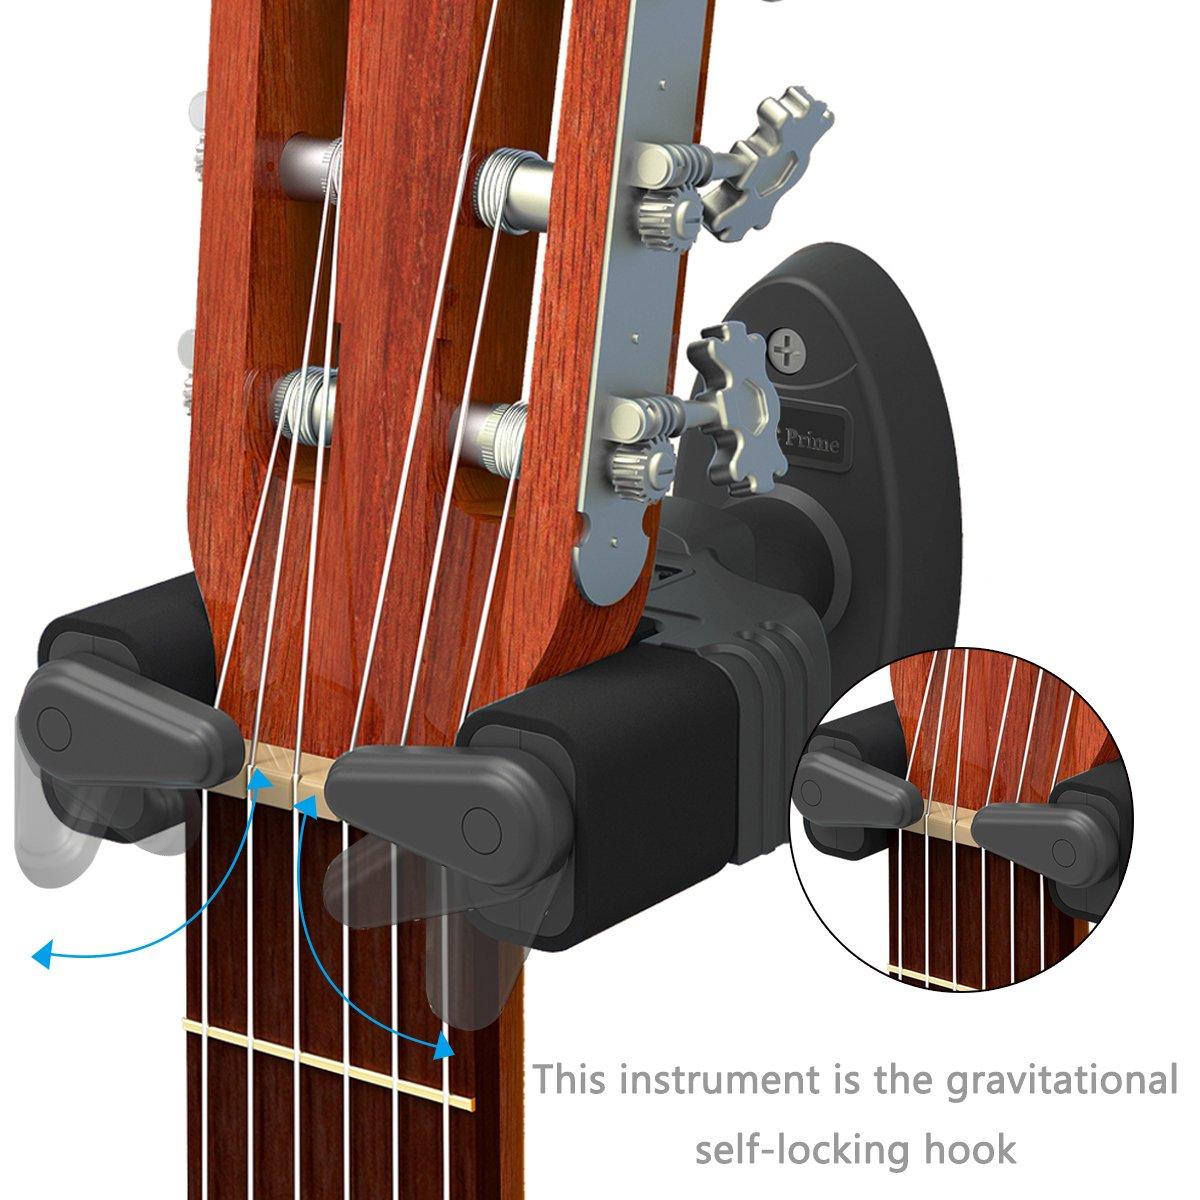 ギターウォールマウントハンガー、自動ロックデザイン、すべてに適合サイズAcoustic電子ギターベースプラスチックブラック – by LC Prime Free ブラック MG050 B01GE1QV9W  Upgrade Auto Lock Design